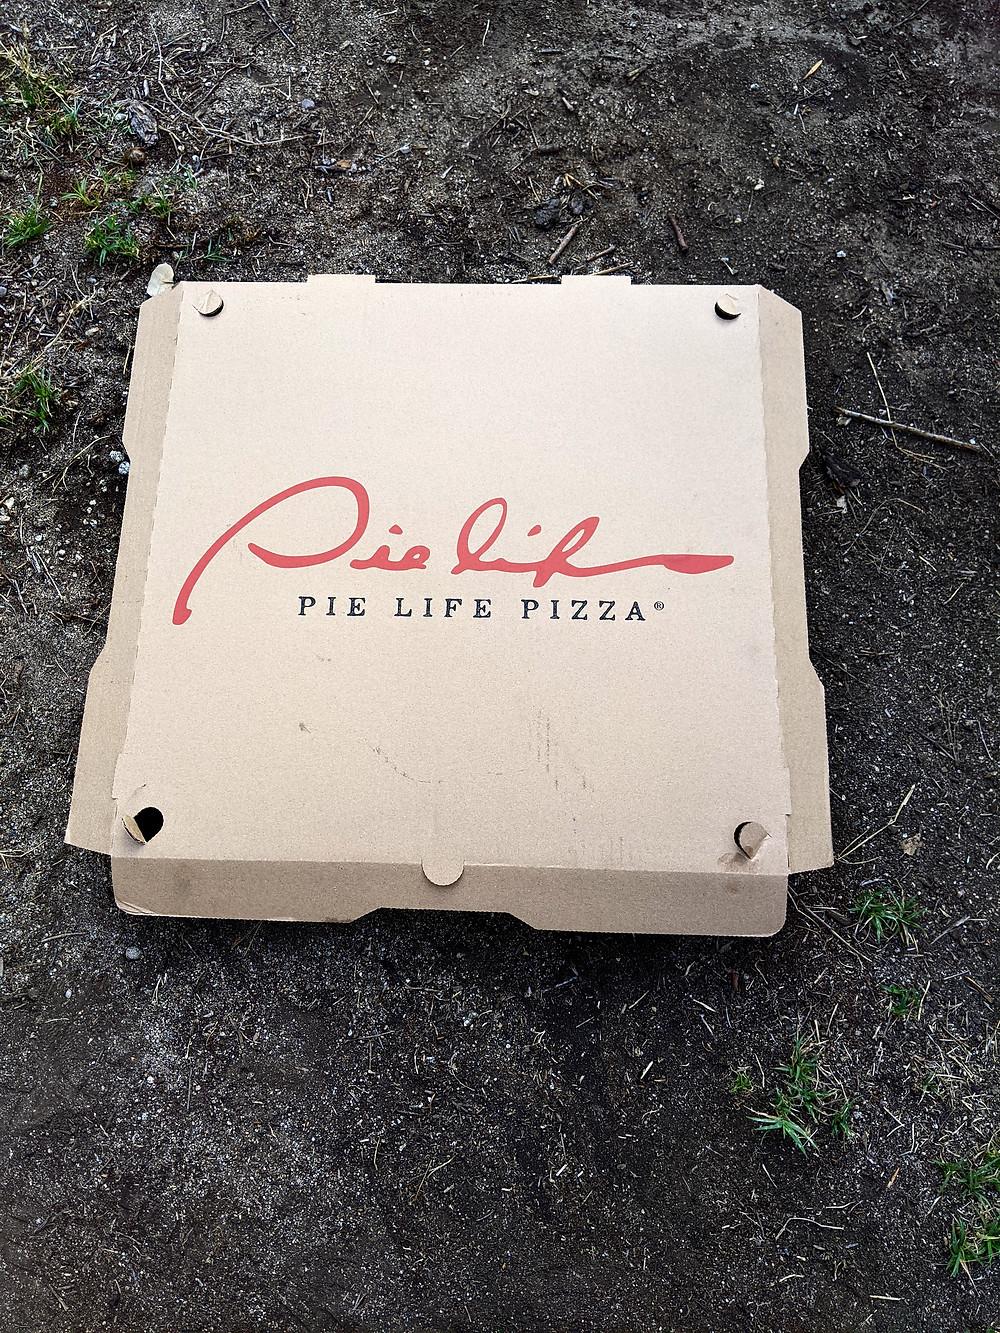 Pie Life Pizza box